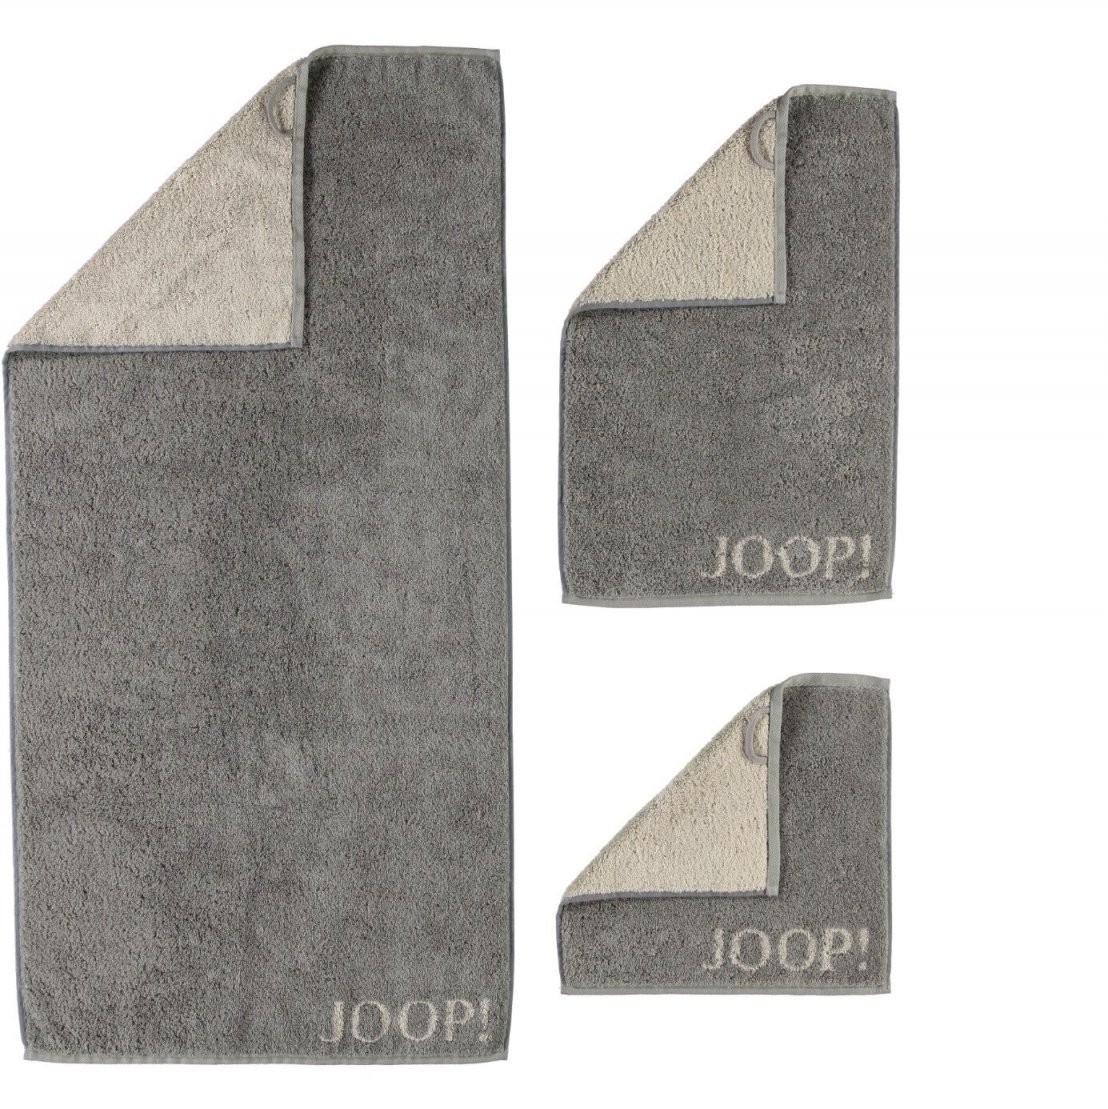 Joop Handtuch Handtücher 50X100 Classic Doubleface 160070 Graphit von Joop Handtücher Set Günstig Photo